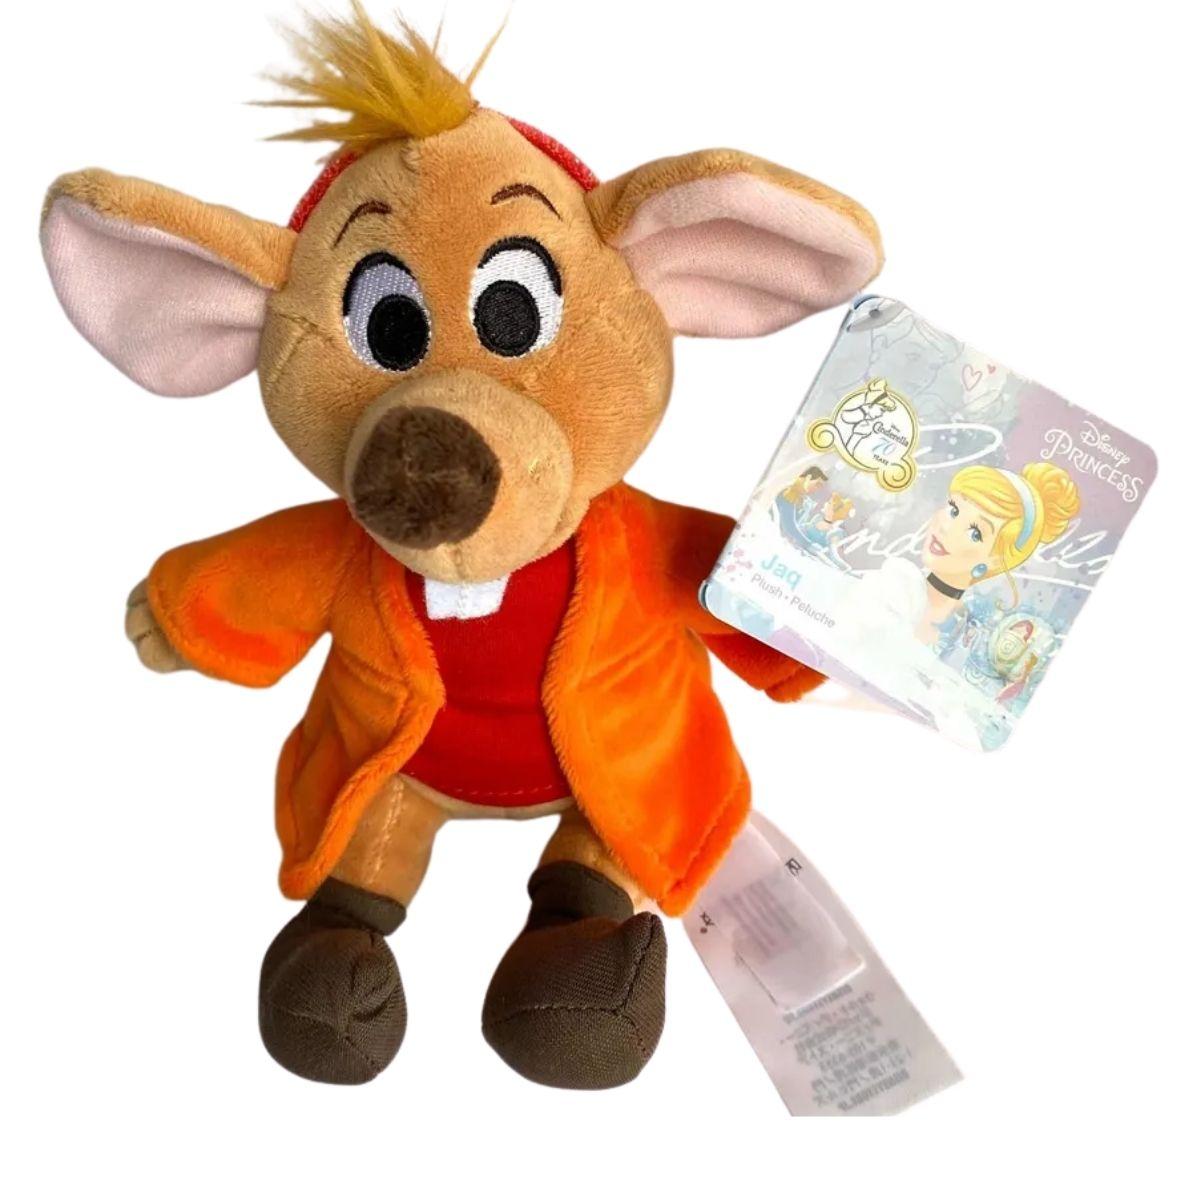 Pelucia Disney Jaq  Ratinho Cinderela 70 anos Edição Limitada Original  - Game Land Brinquedos